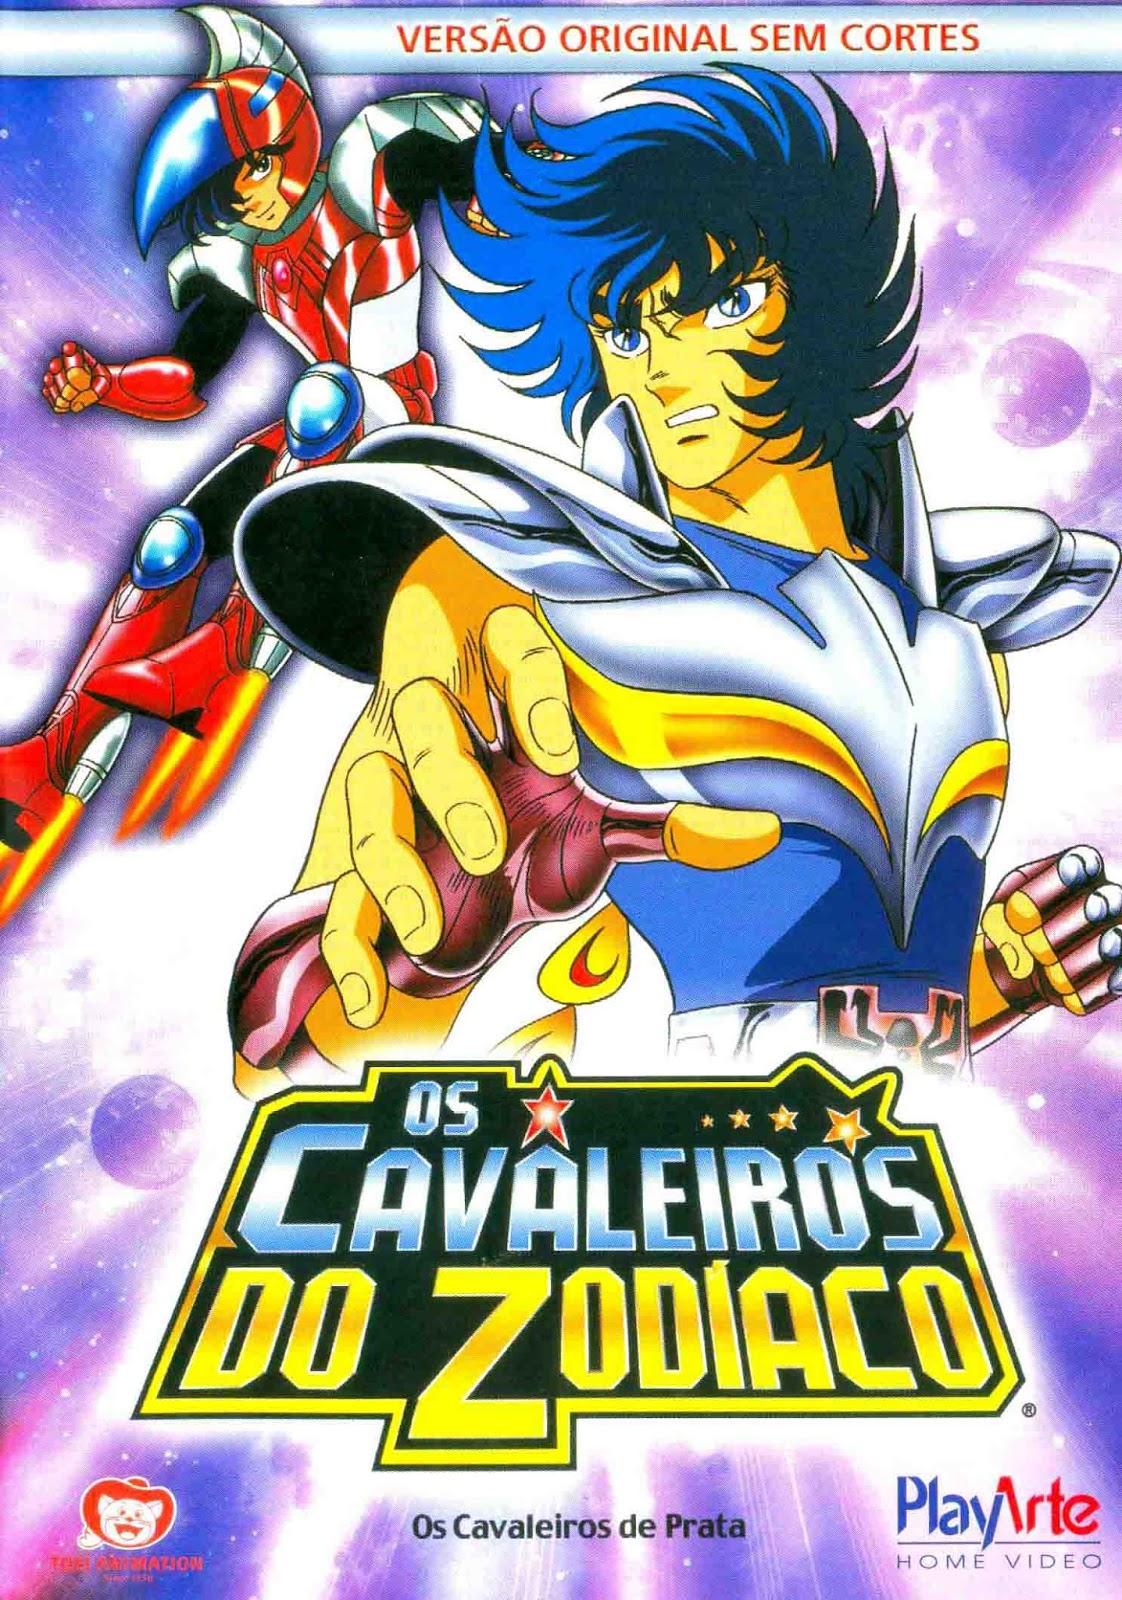 Os Cavaleiros do Zodíaco: Saga Cavaleiros de Prata – Parte 1 Torrent – BluRay 1080p Dual Áudio (1986-1989)